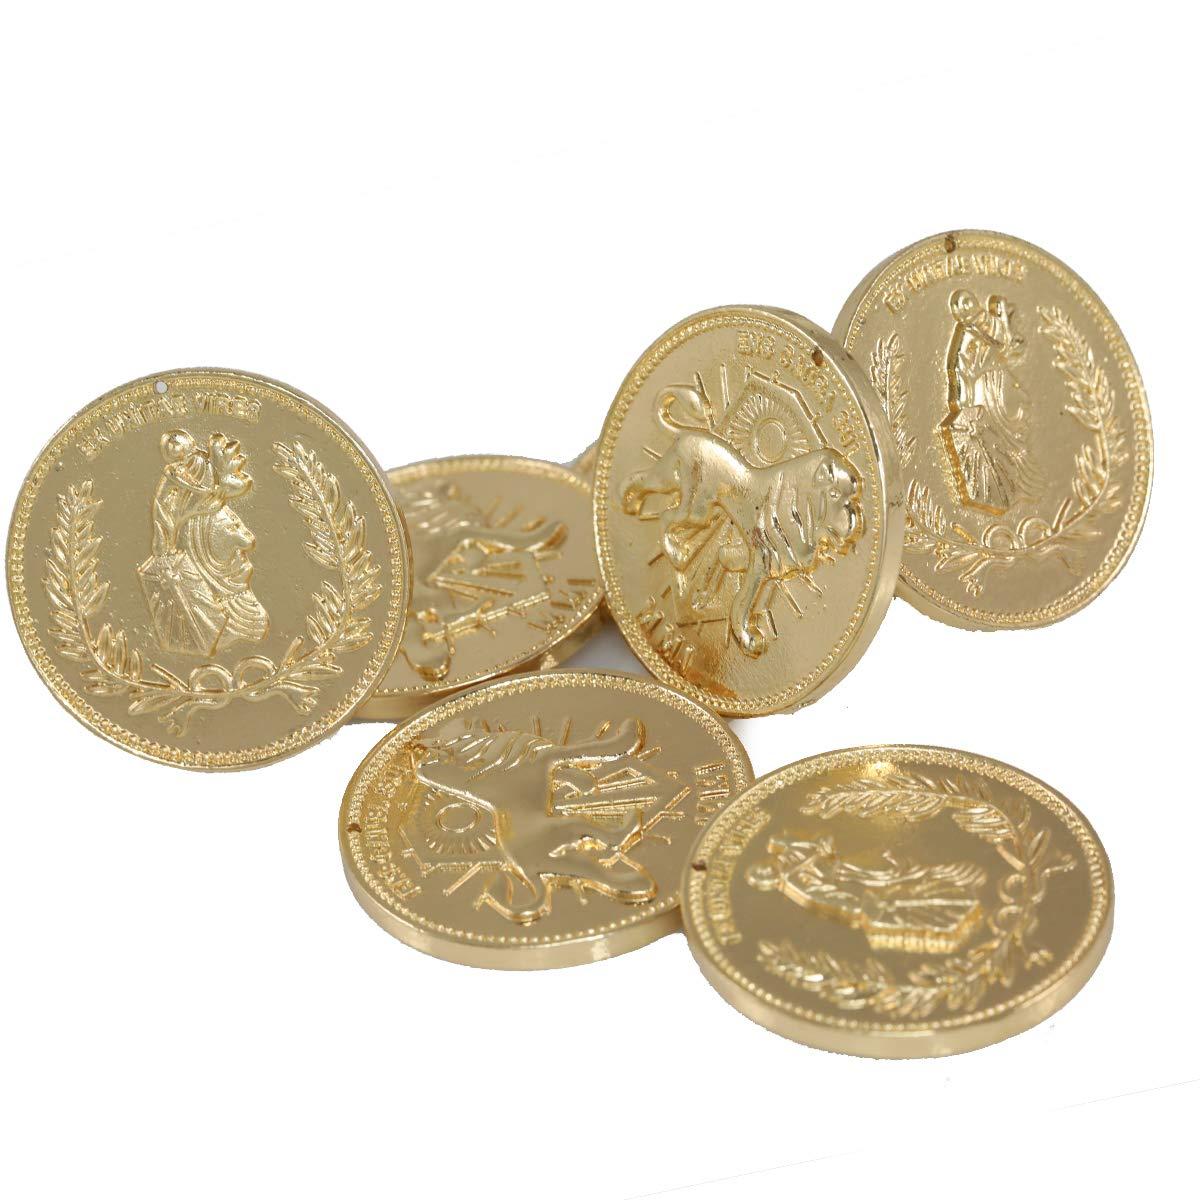 Nexthops Coin Jogn Docht Cosplay in Legierung Zinkfarbe Gold f/ür Sammlung Klassisches Zubeh/ör Film Kost/üm Requisite Geschenk f/ür Unisex Erwachsene Fans